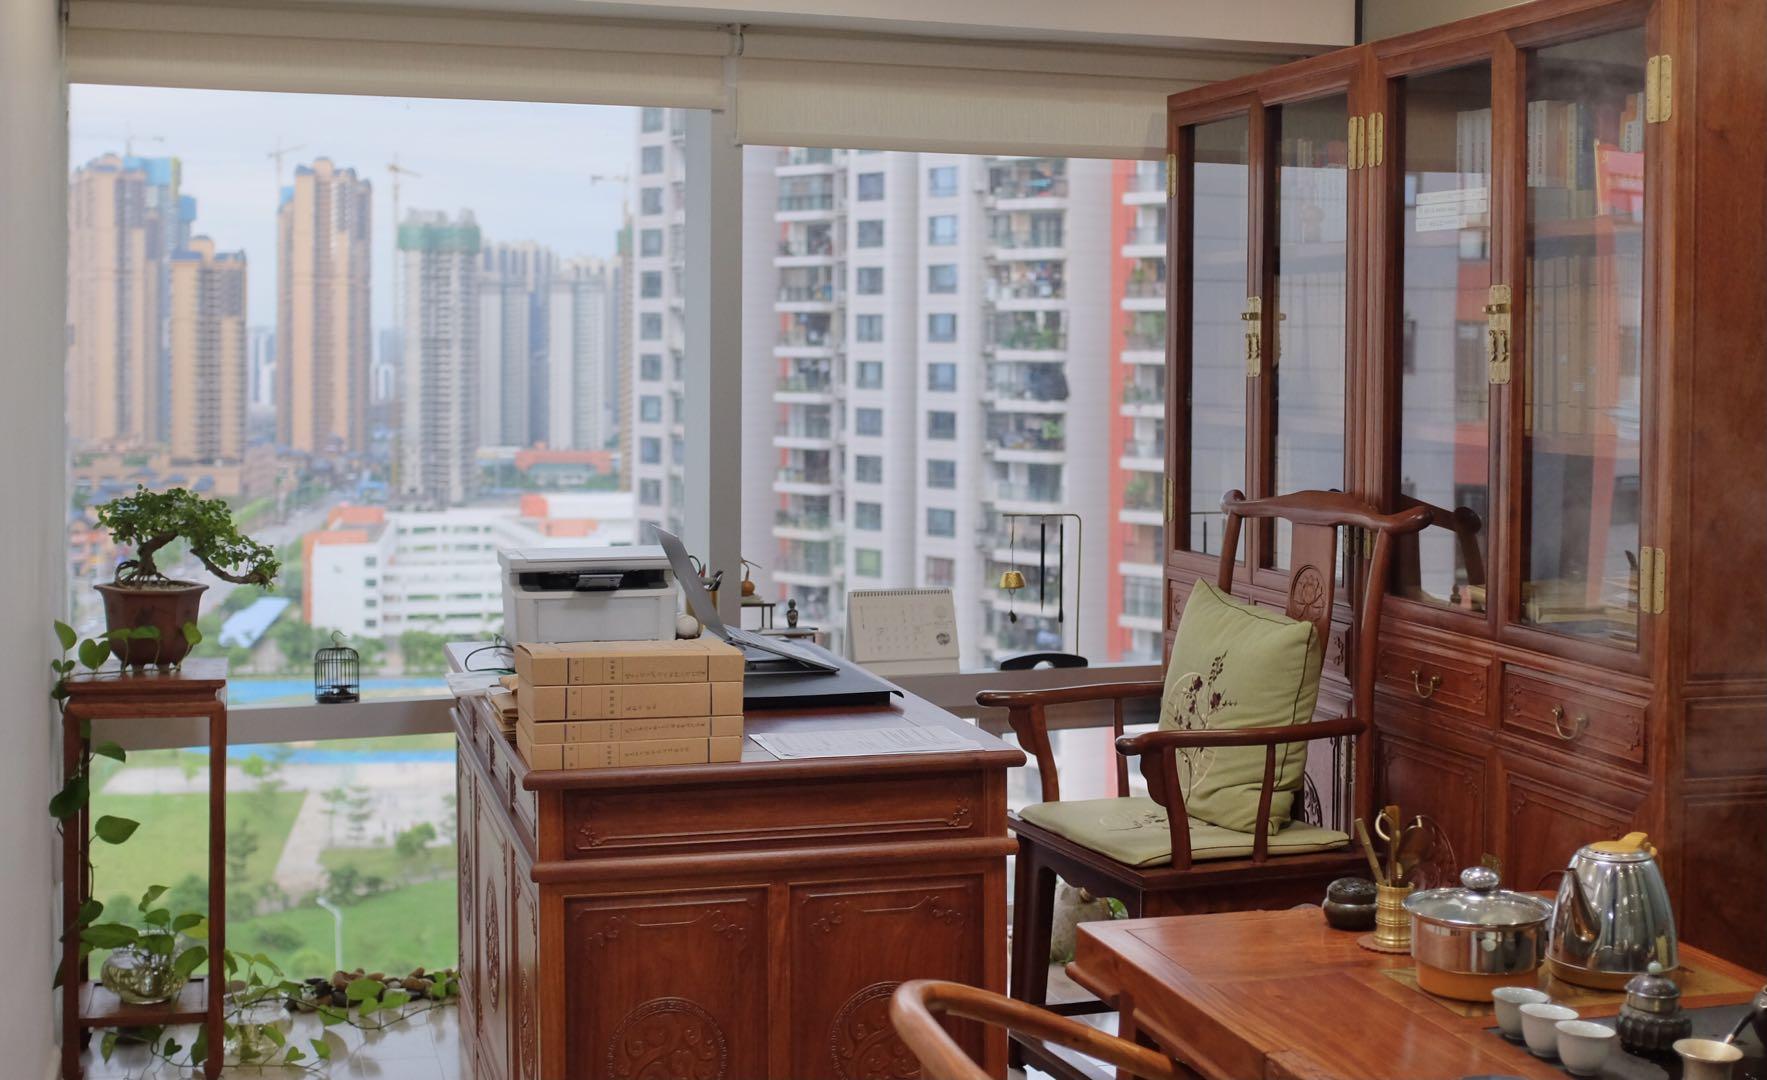 赵龙律师办公室